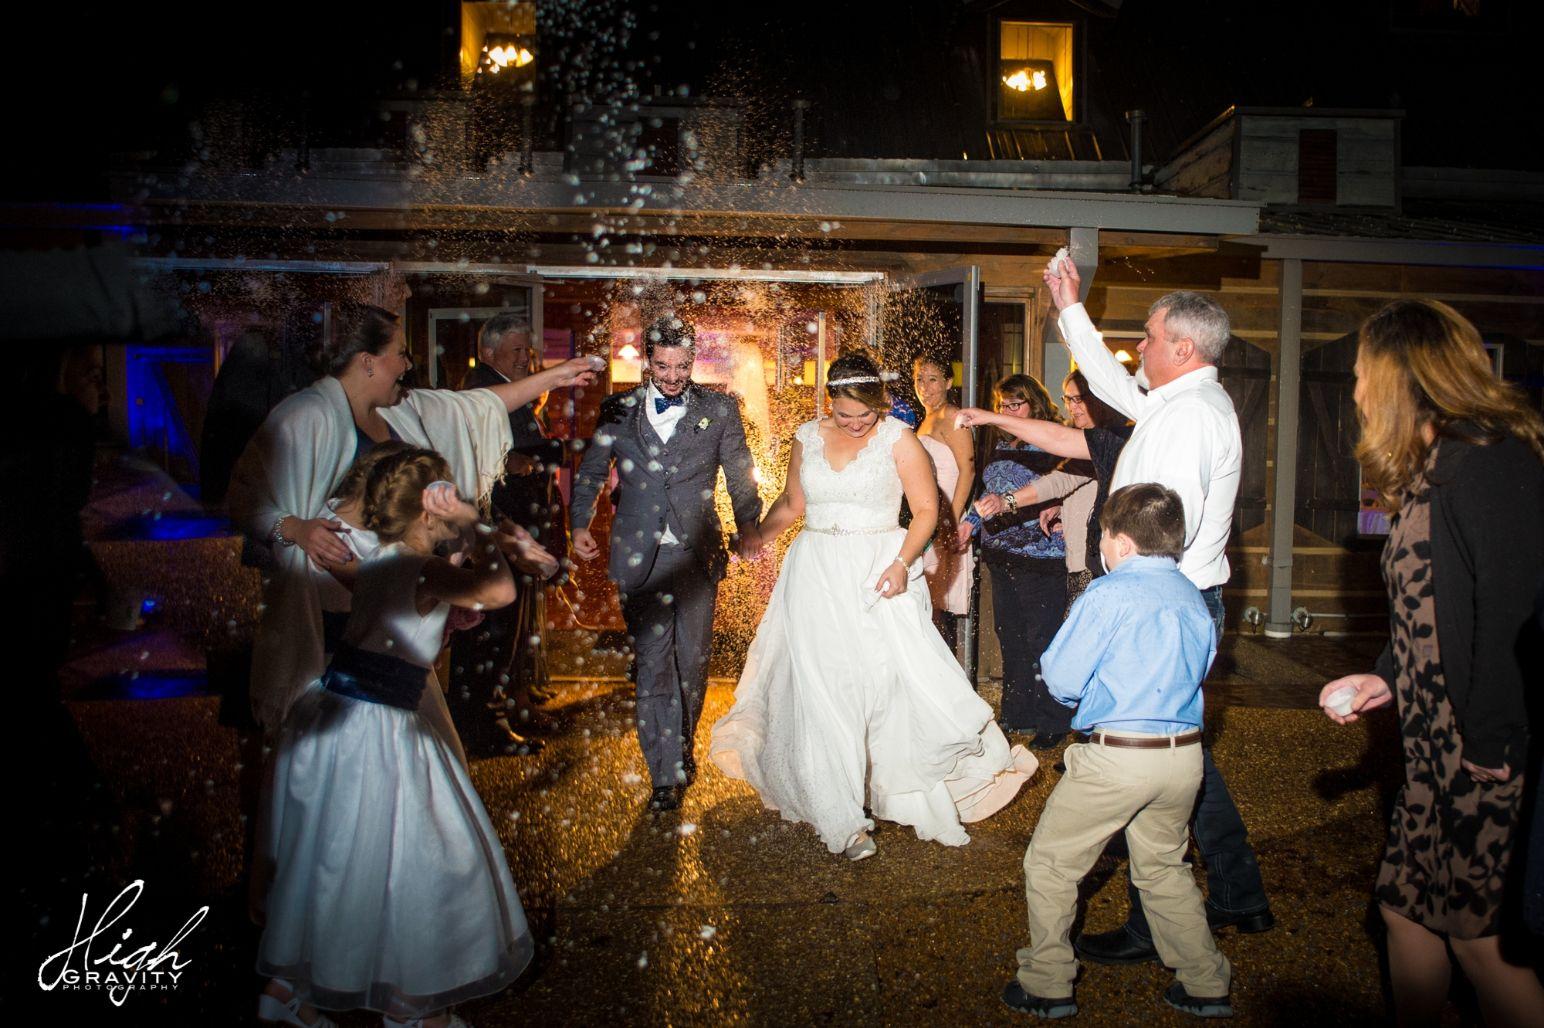 2 happy shots legacy farms nashville wedding venues